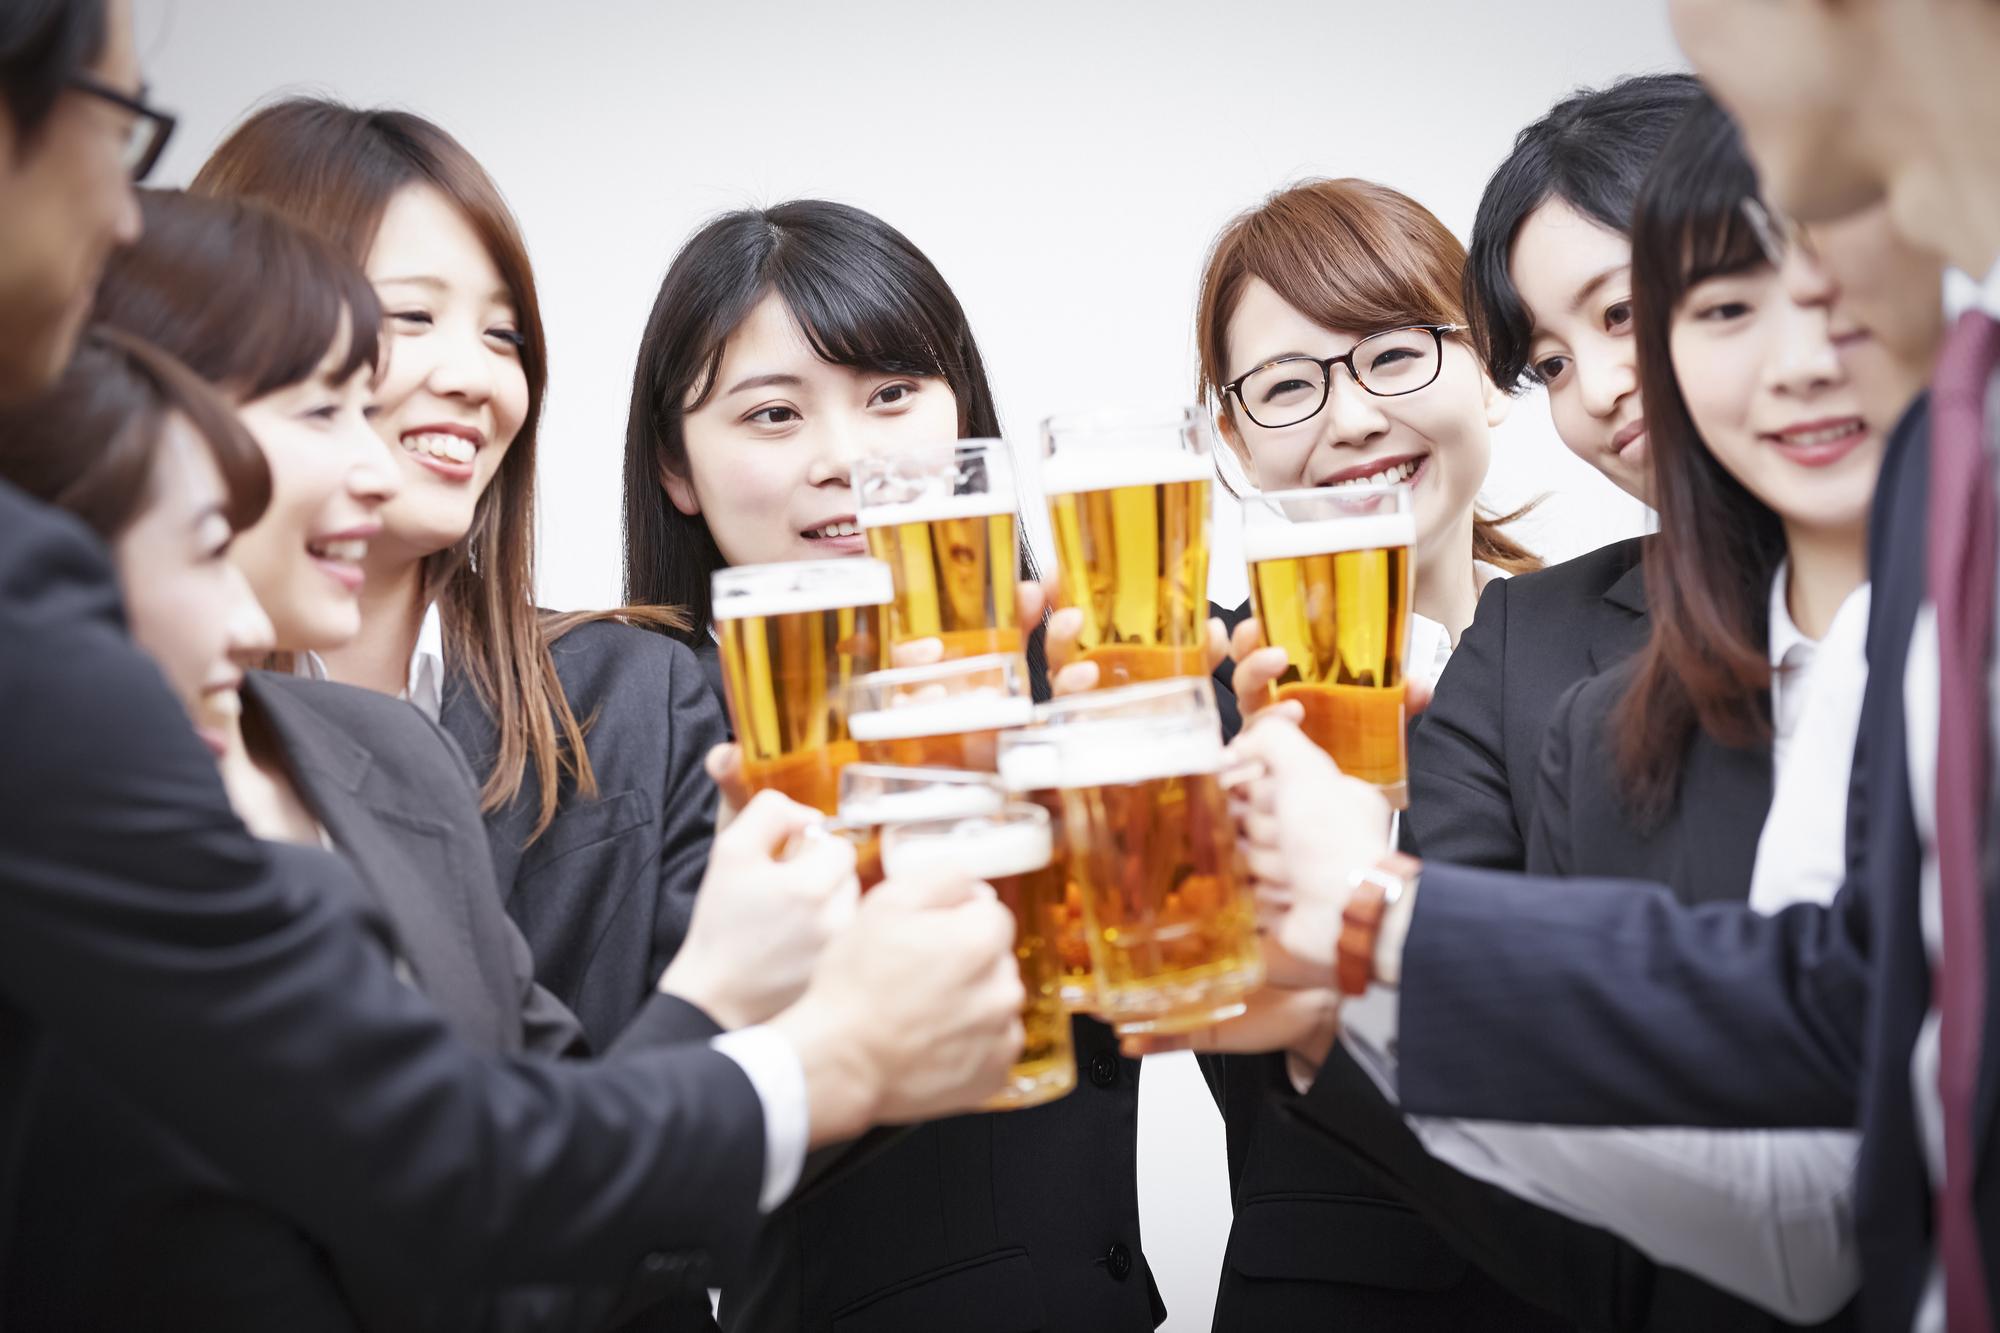 多くの女性が集まる飲み会シーン